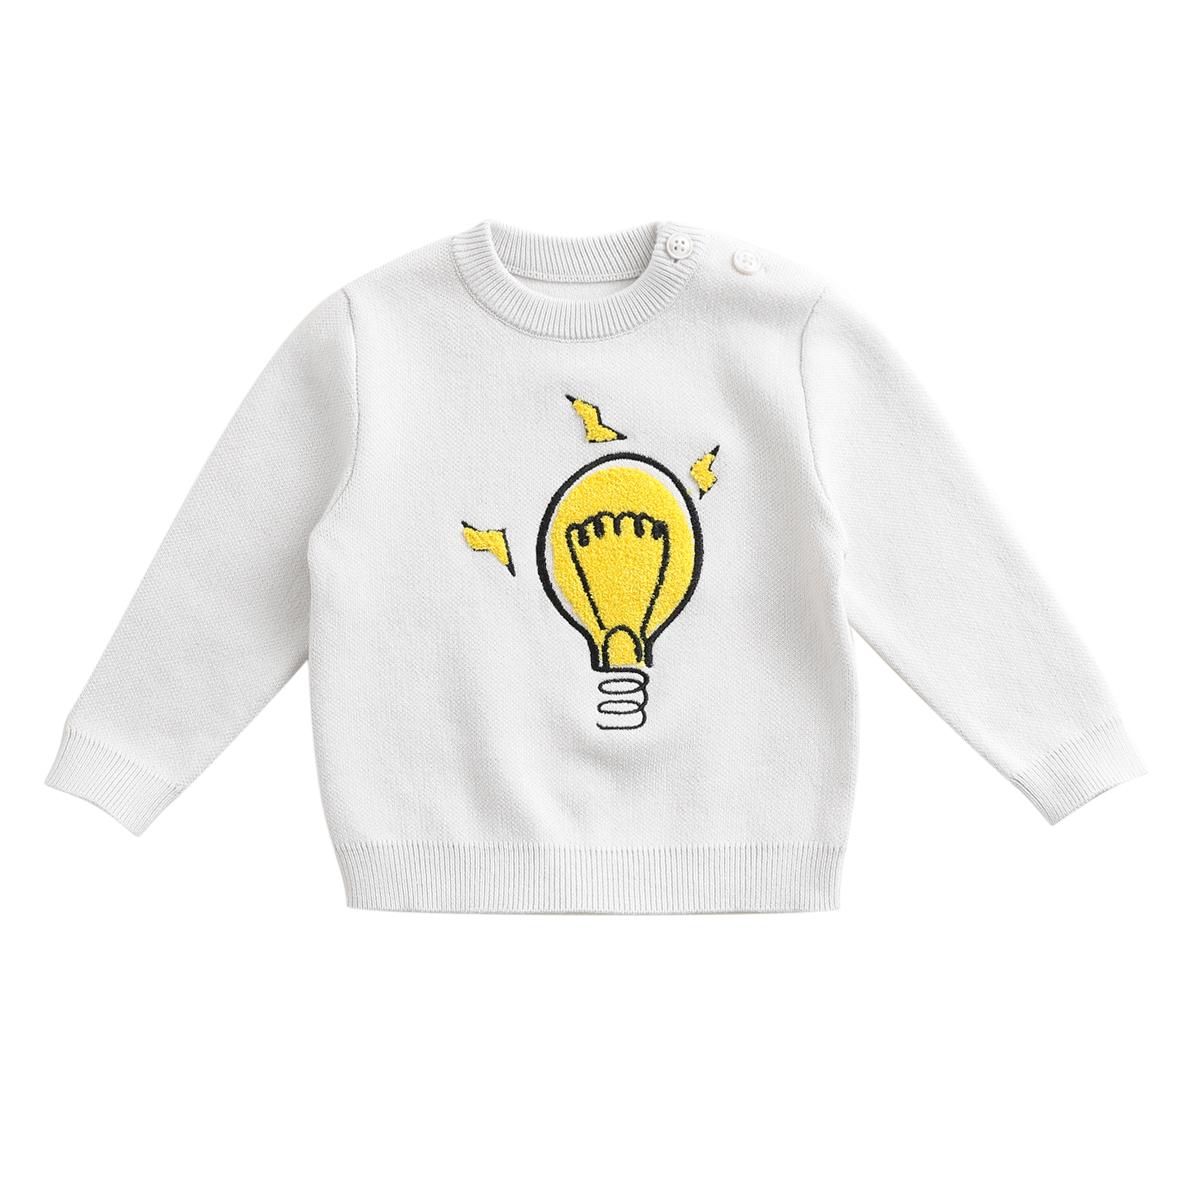 马克珍妮2018新款秋冬装 男童儿童毛衣 婴儿宝宝纯棉毛线衫82725